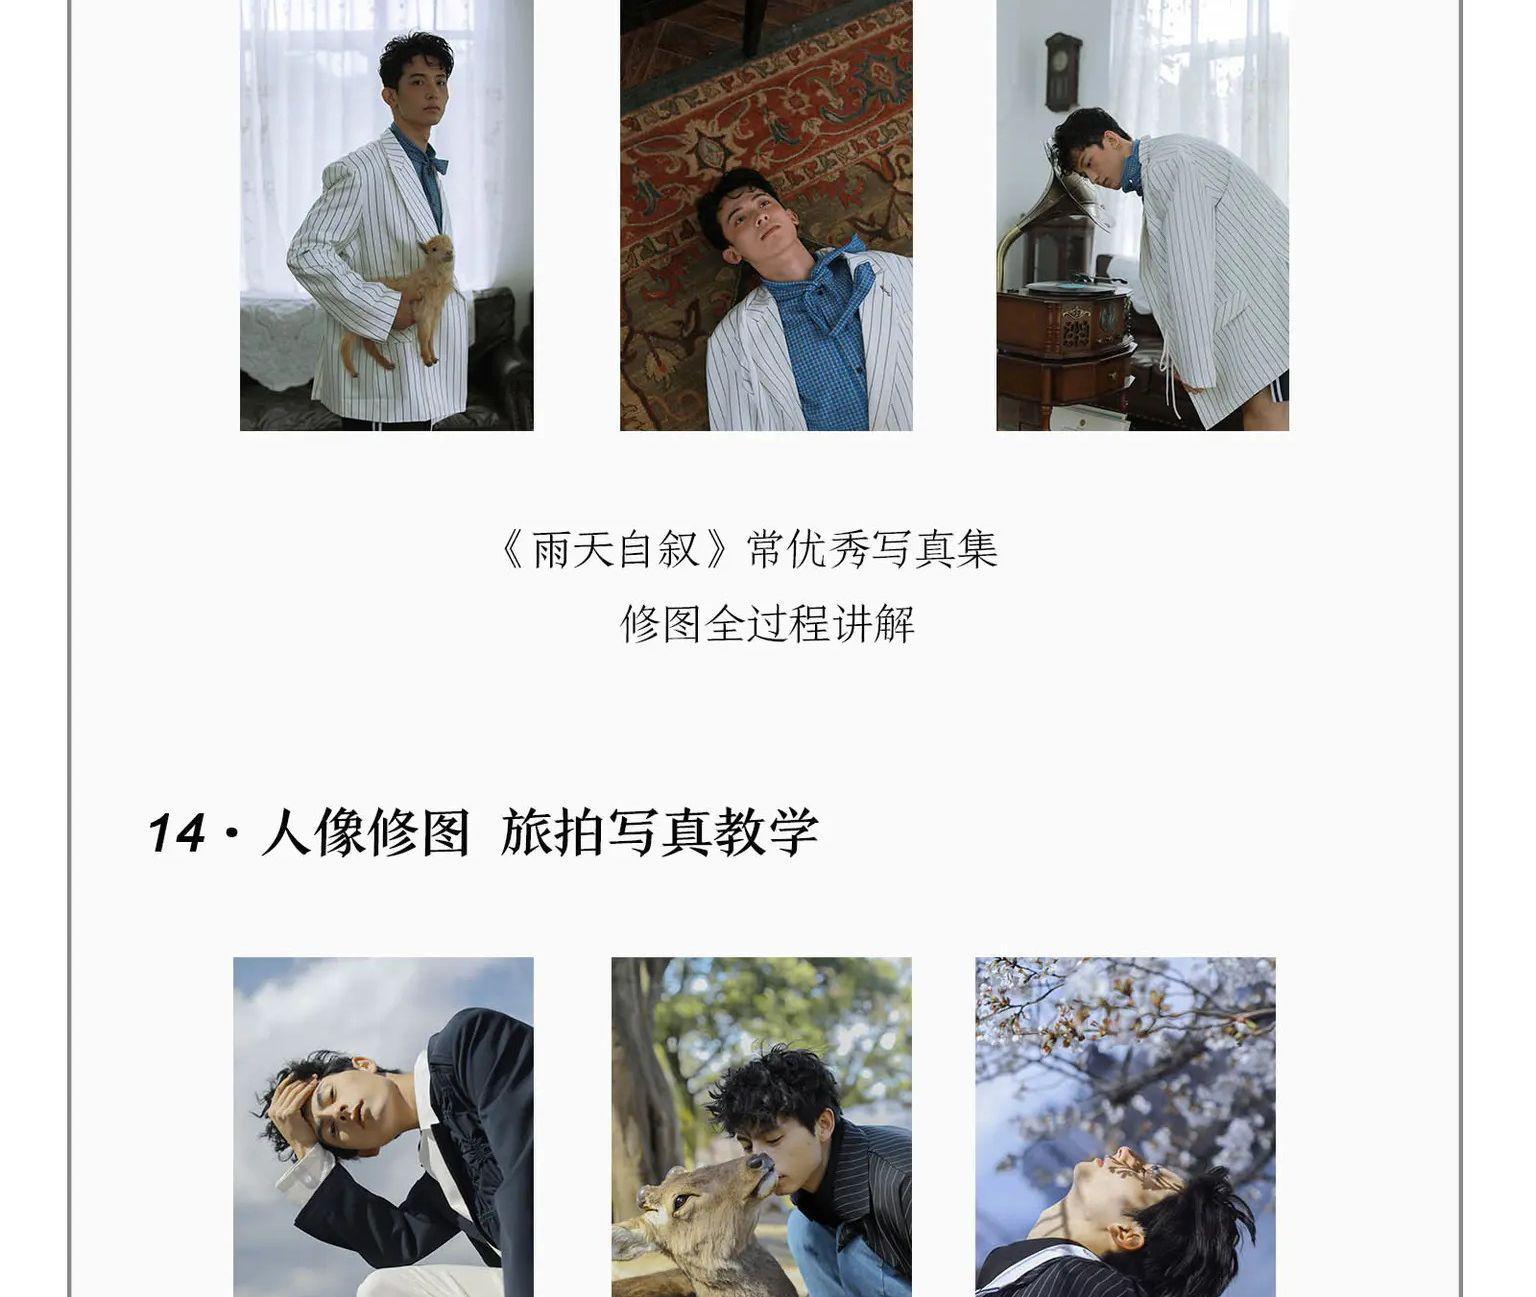 摄影教程-95后摄影师陈宇学长摄影课堂第9期静物人像前后期教程(9)